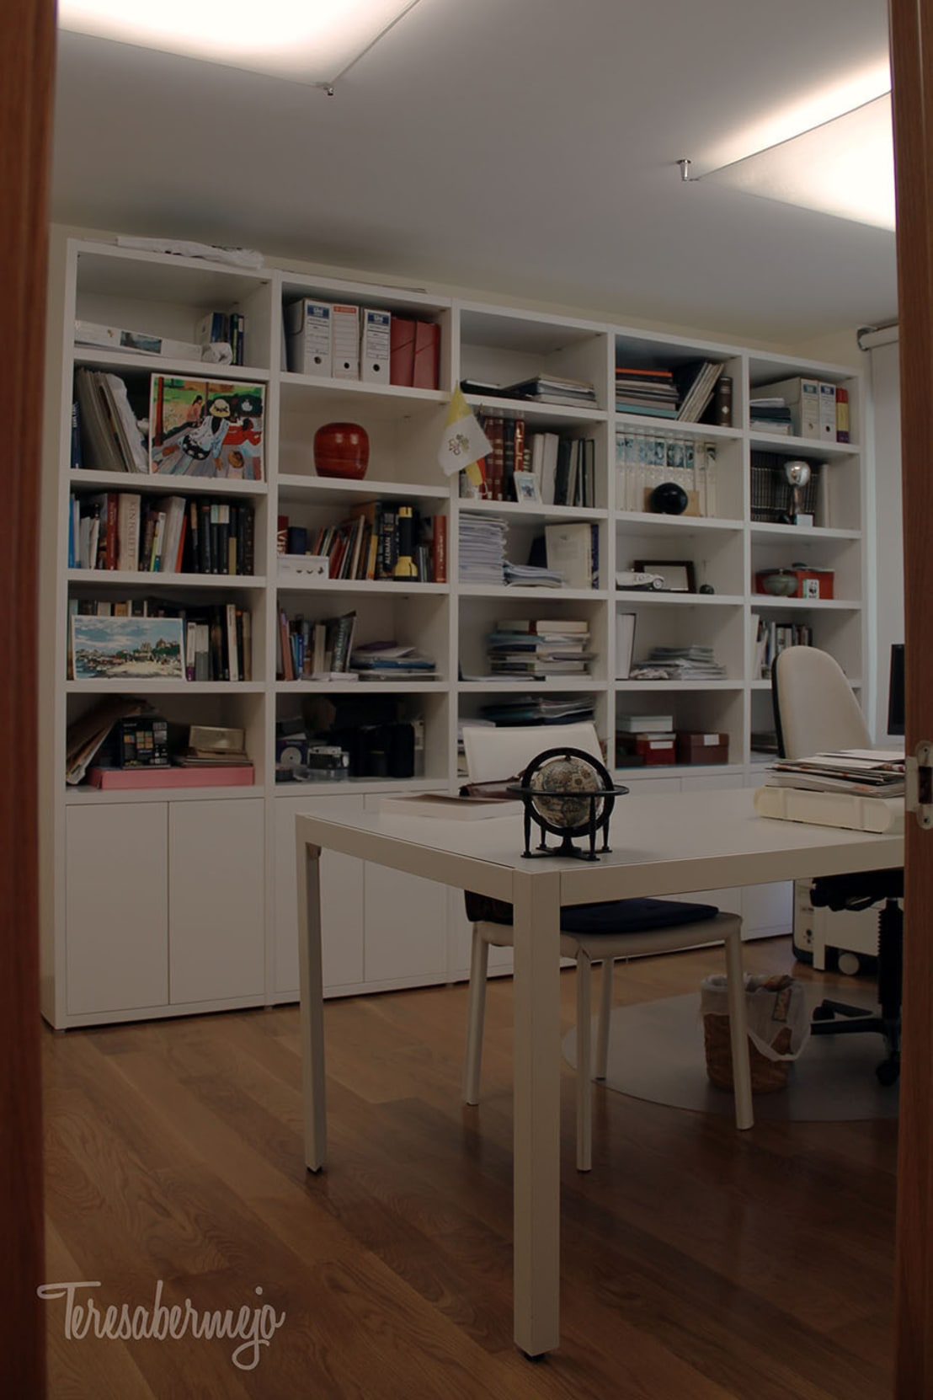 Dise adora de interiores decoradora y home stager el - Disenadora de interiores ...